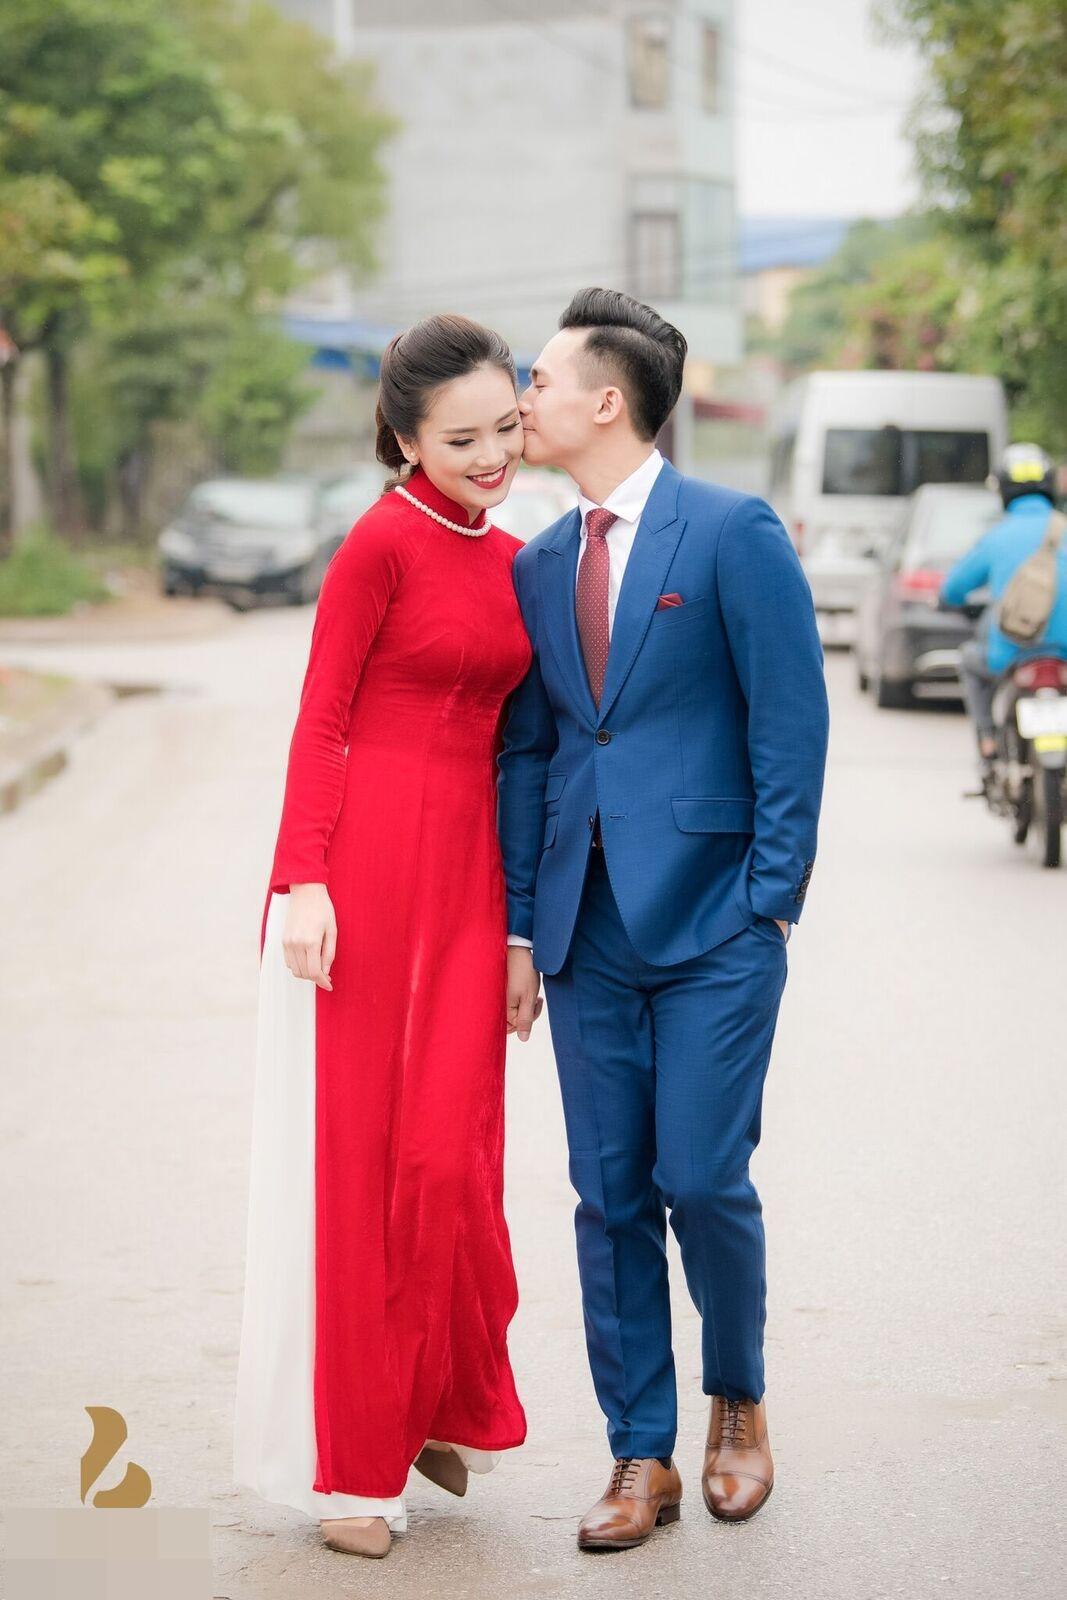 Hoa hậu khả ái Trần Tố Như nở nụ cười rạng rỡ, nắm chặt tay hot boy cảnh sát trong suốt lễ ăn hỏi-4